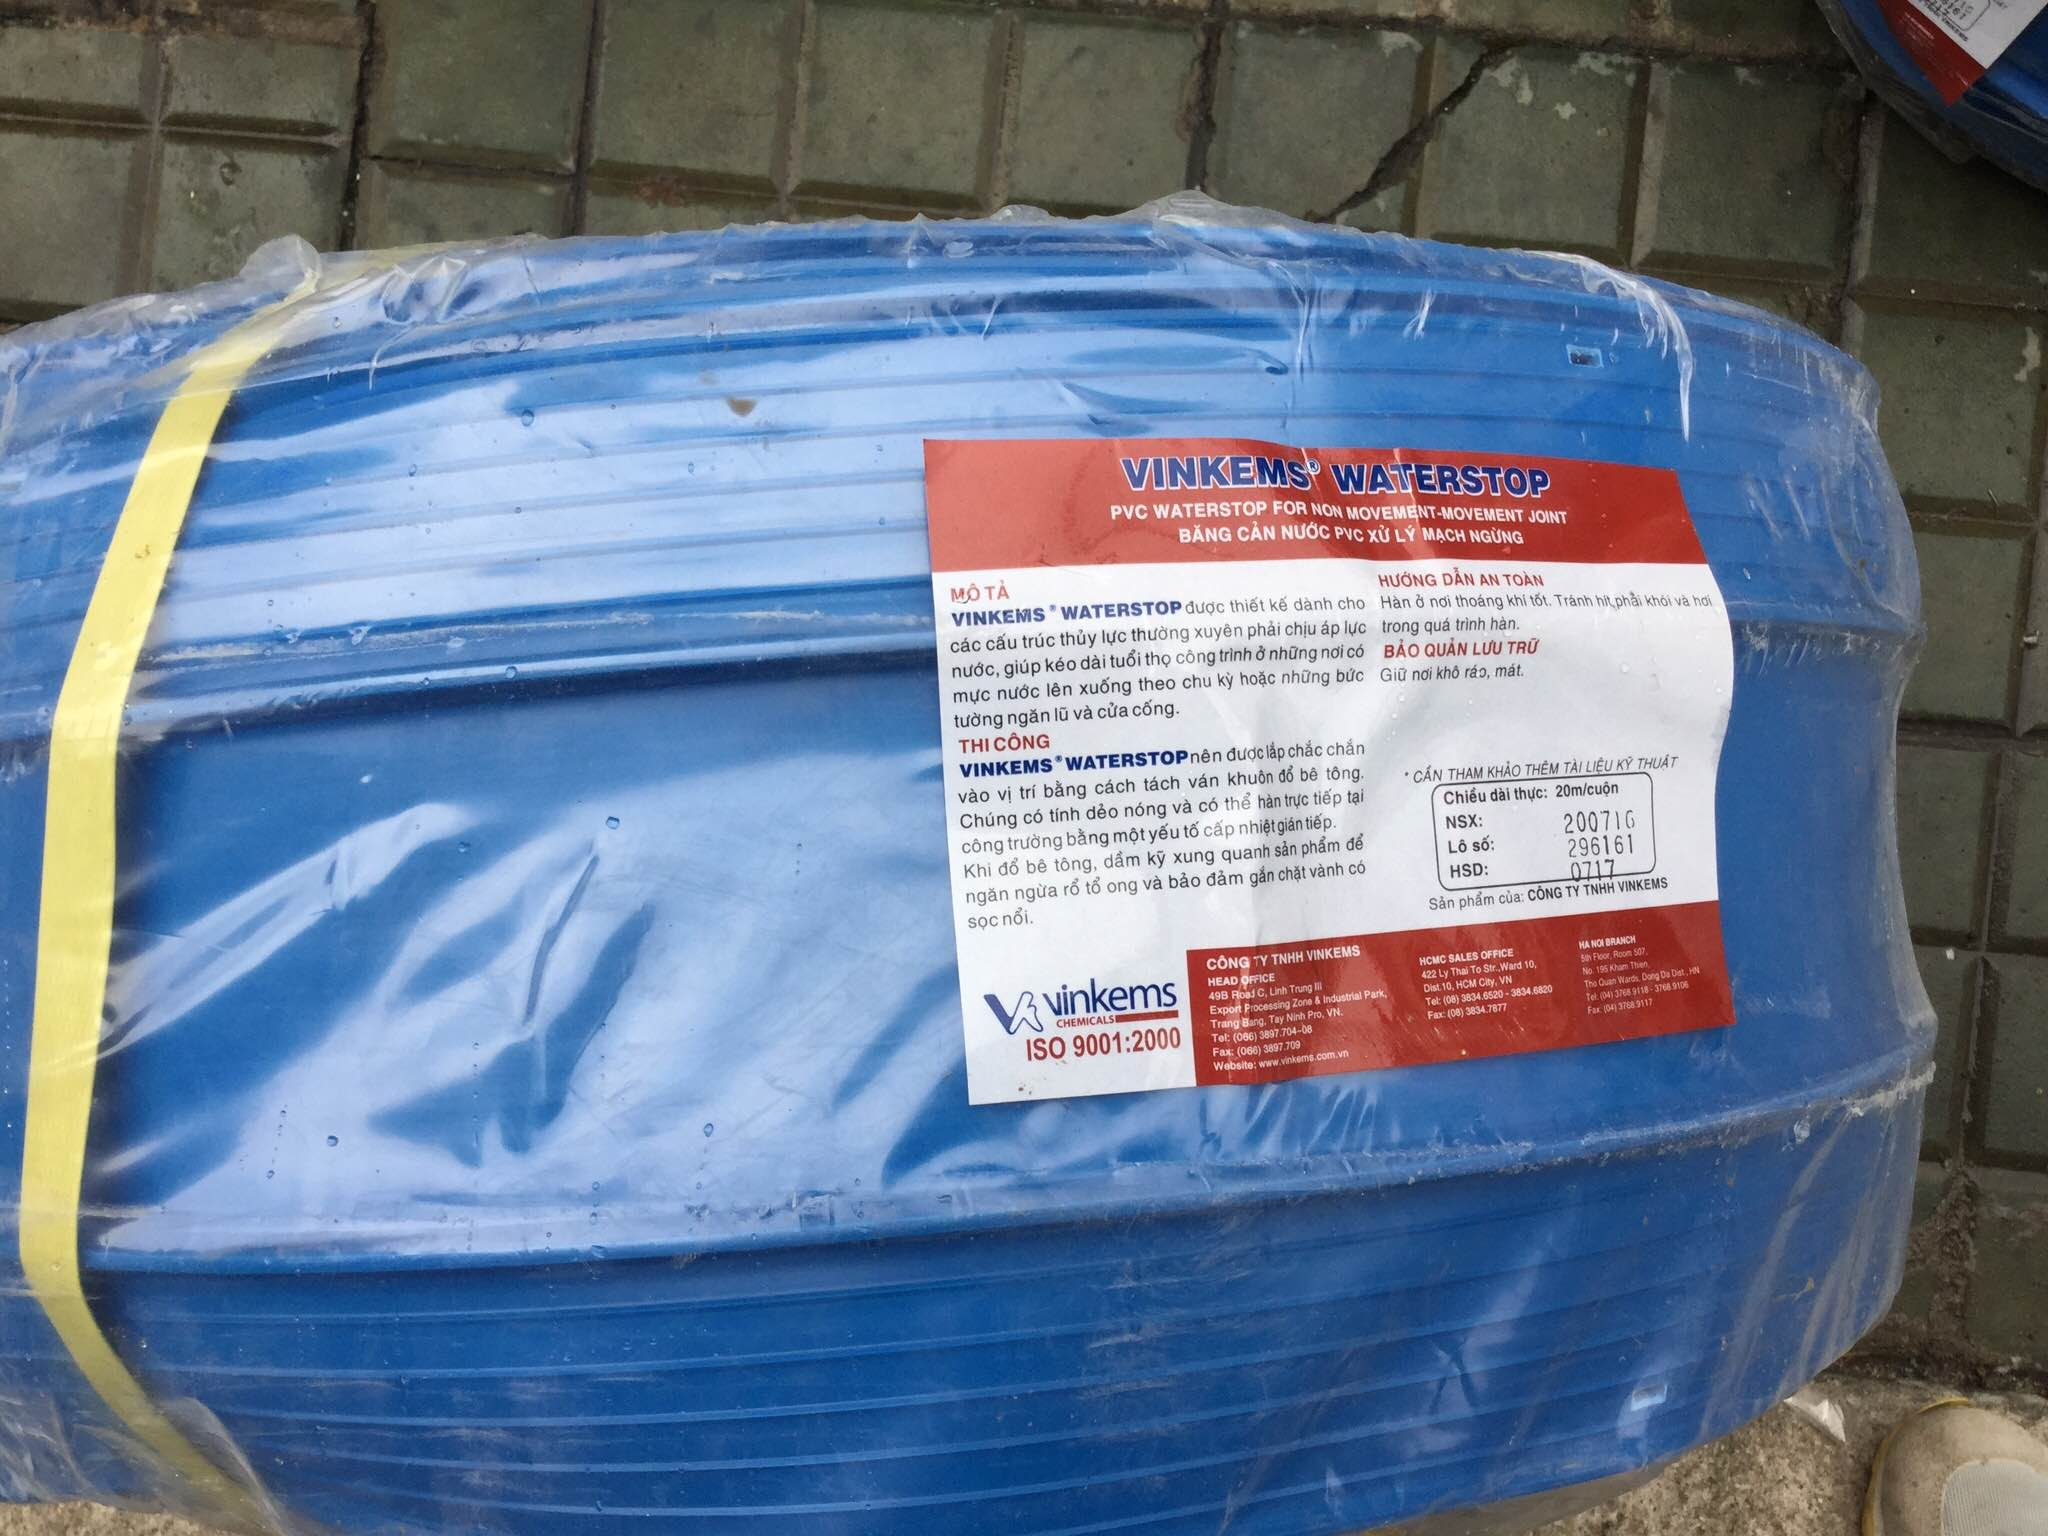 VINKEM WATERSTOP-BĂNG CẢN NƯỚC PVC